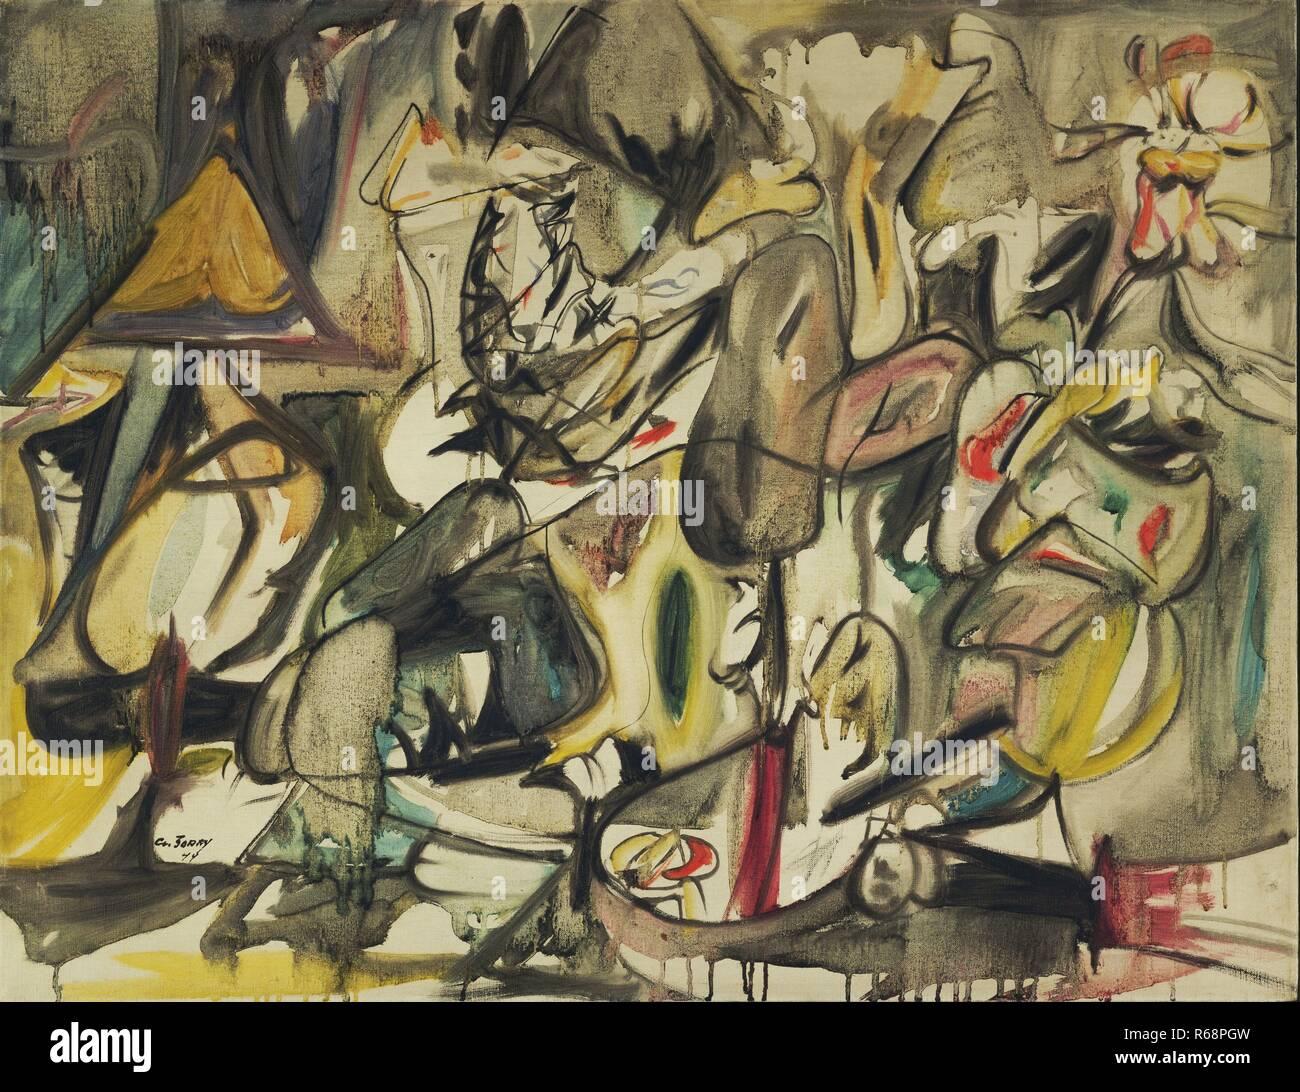 """Arshile Gorky. (Un americano nato l'Armenia. 1904-1948). La foglia del carciofo è un gufo. 1944. Olio su tela, 28 x 35 7/8"""" (71,1 x 91,2 cm). Sidney un Immagini Stock"""